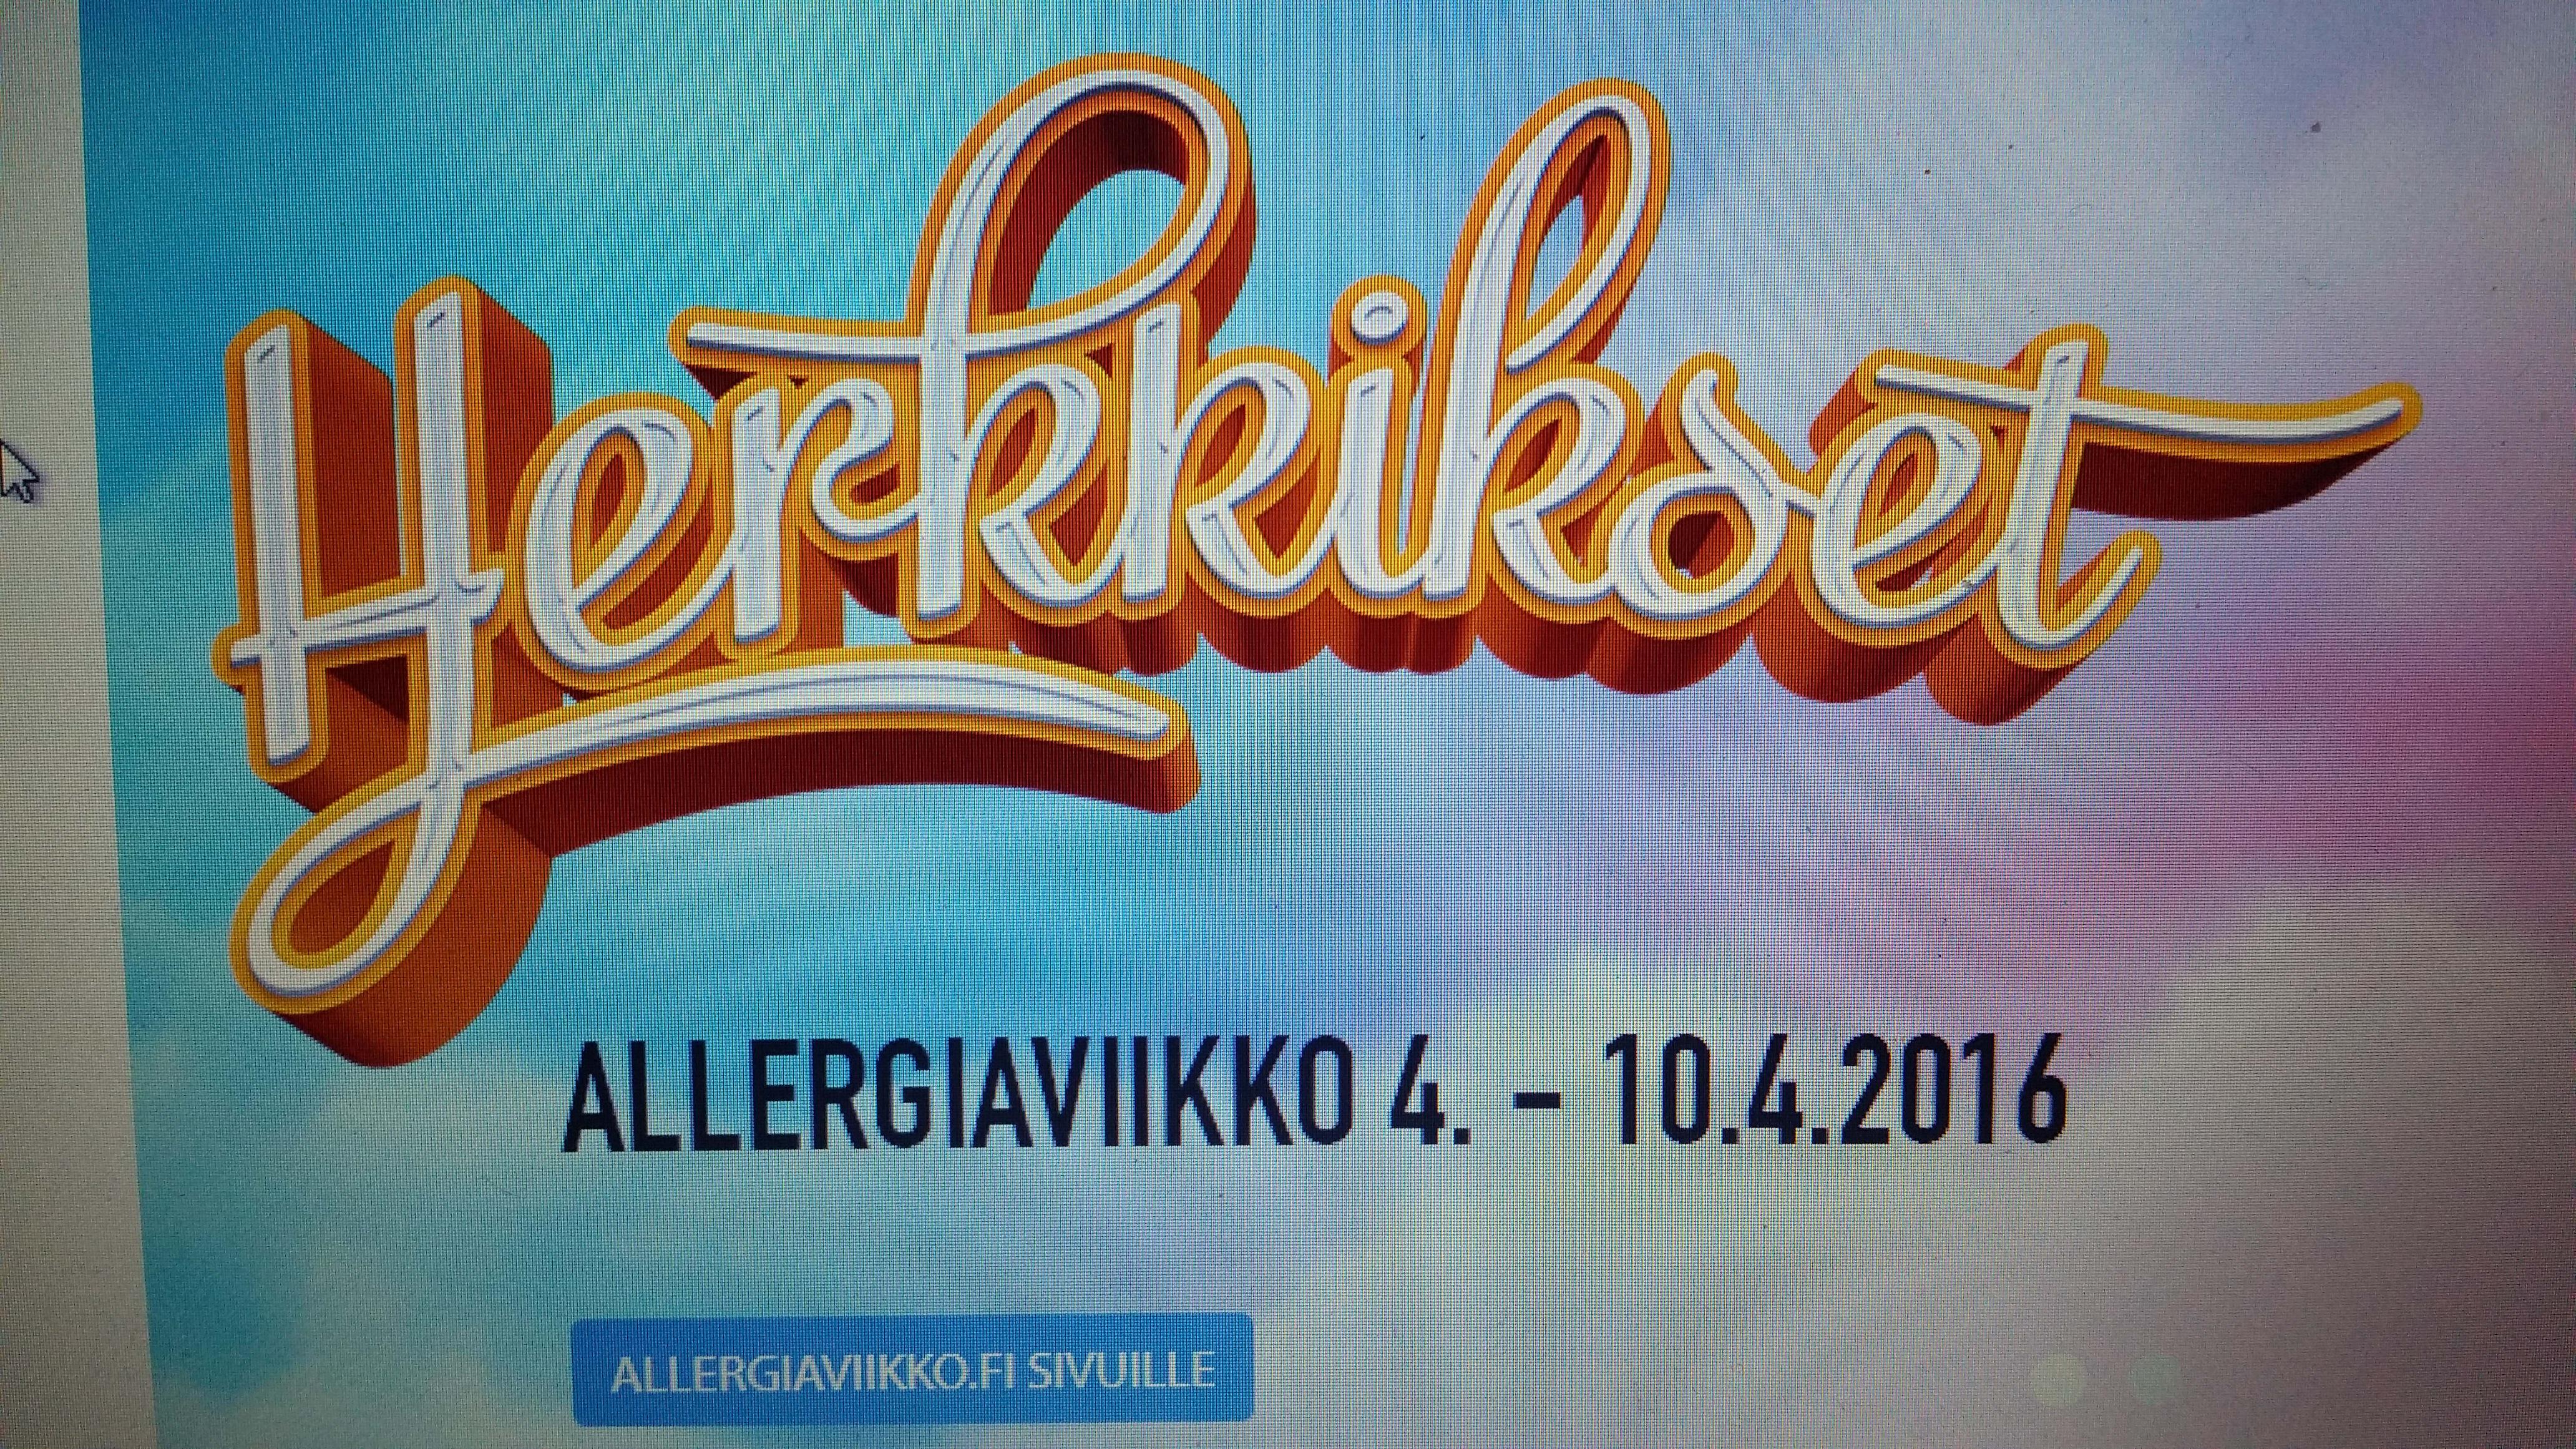 Yle Turku Radio